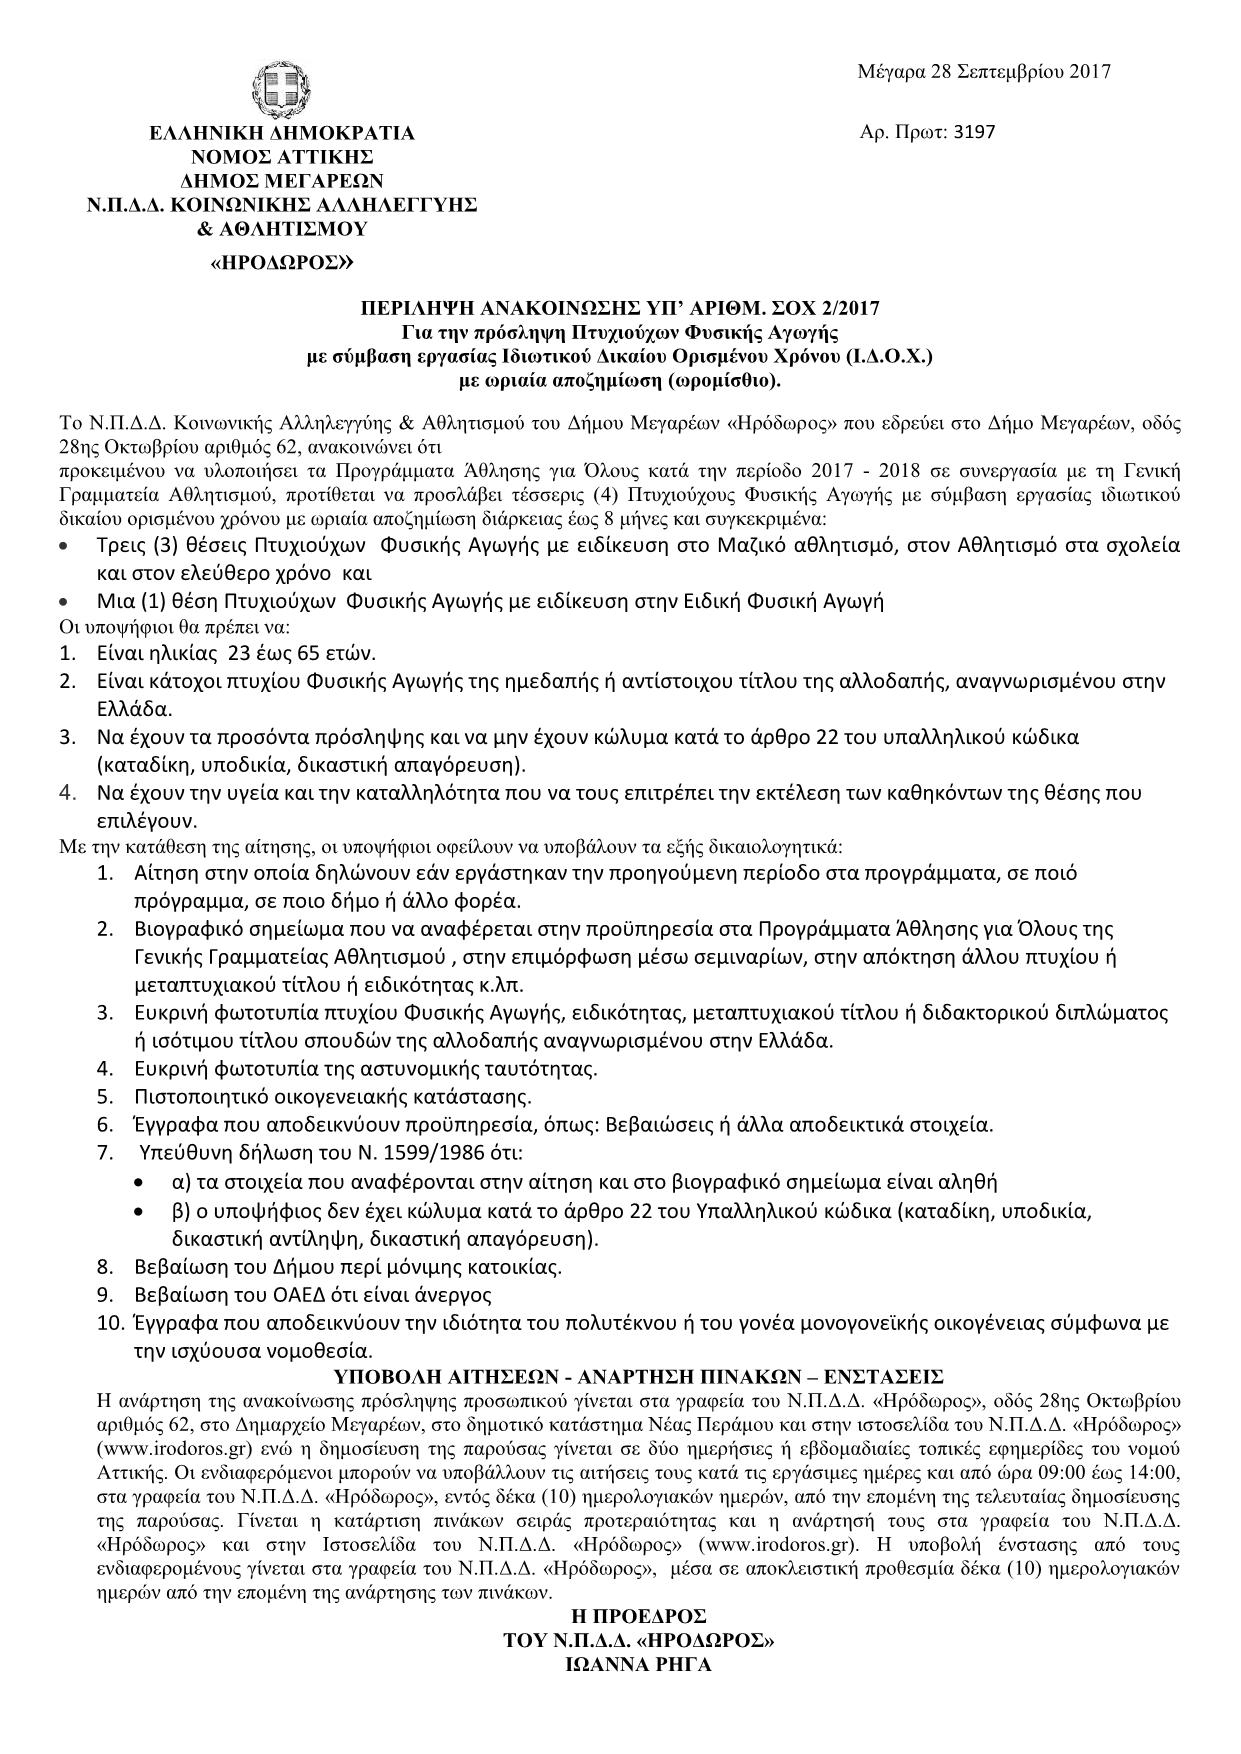 Περίληψη προκήρυξης πρόσληψης Π.Φ.Α. 2017-20181